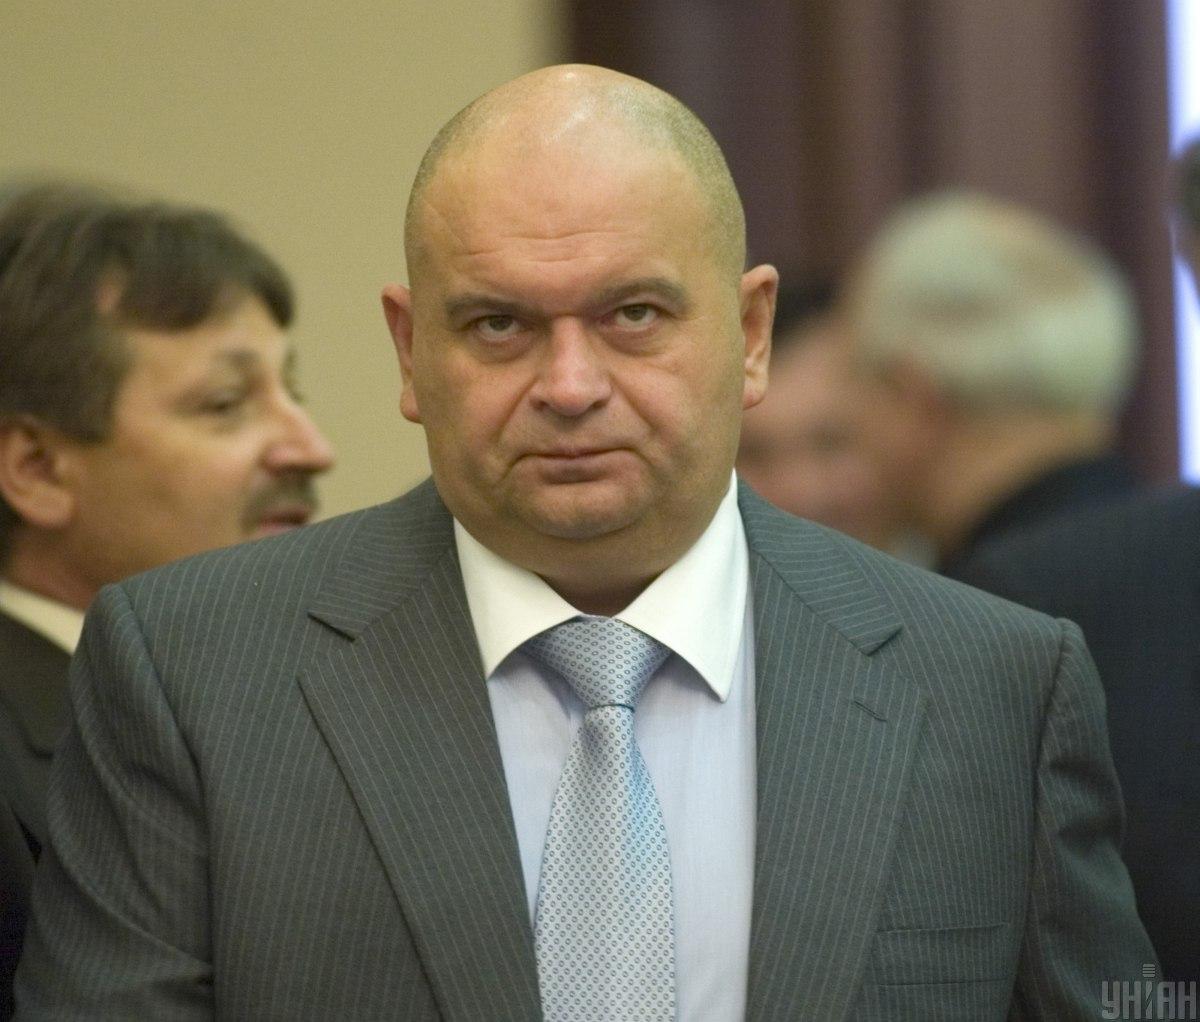 Экс-министр экологии Злочевский объявлен в розыск / фото УНИАН